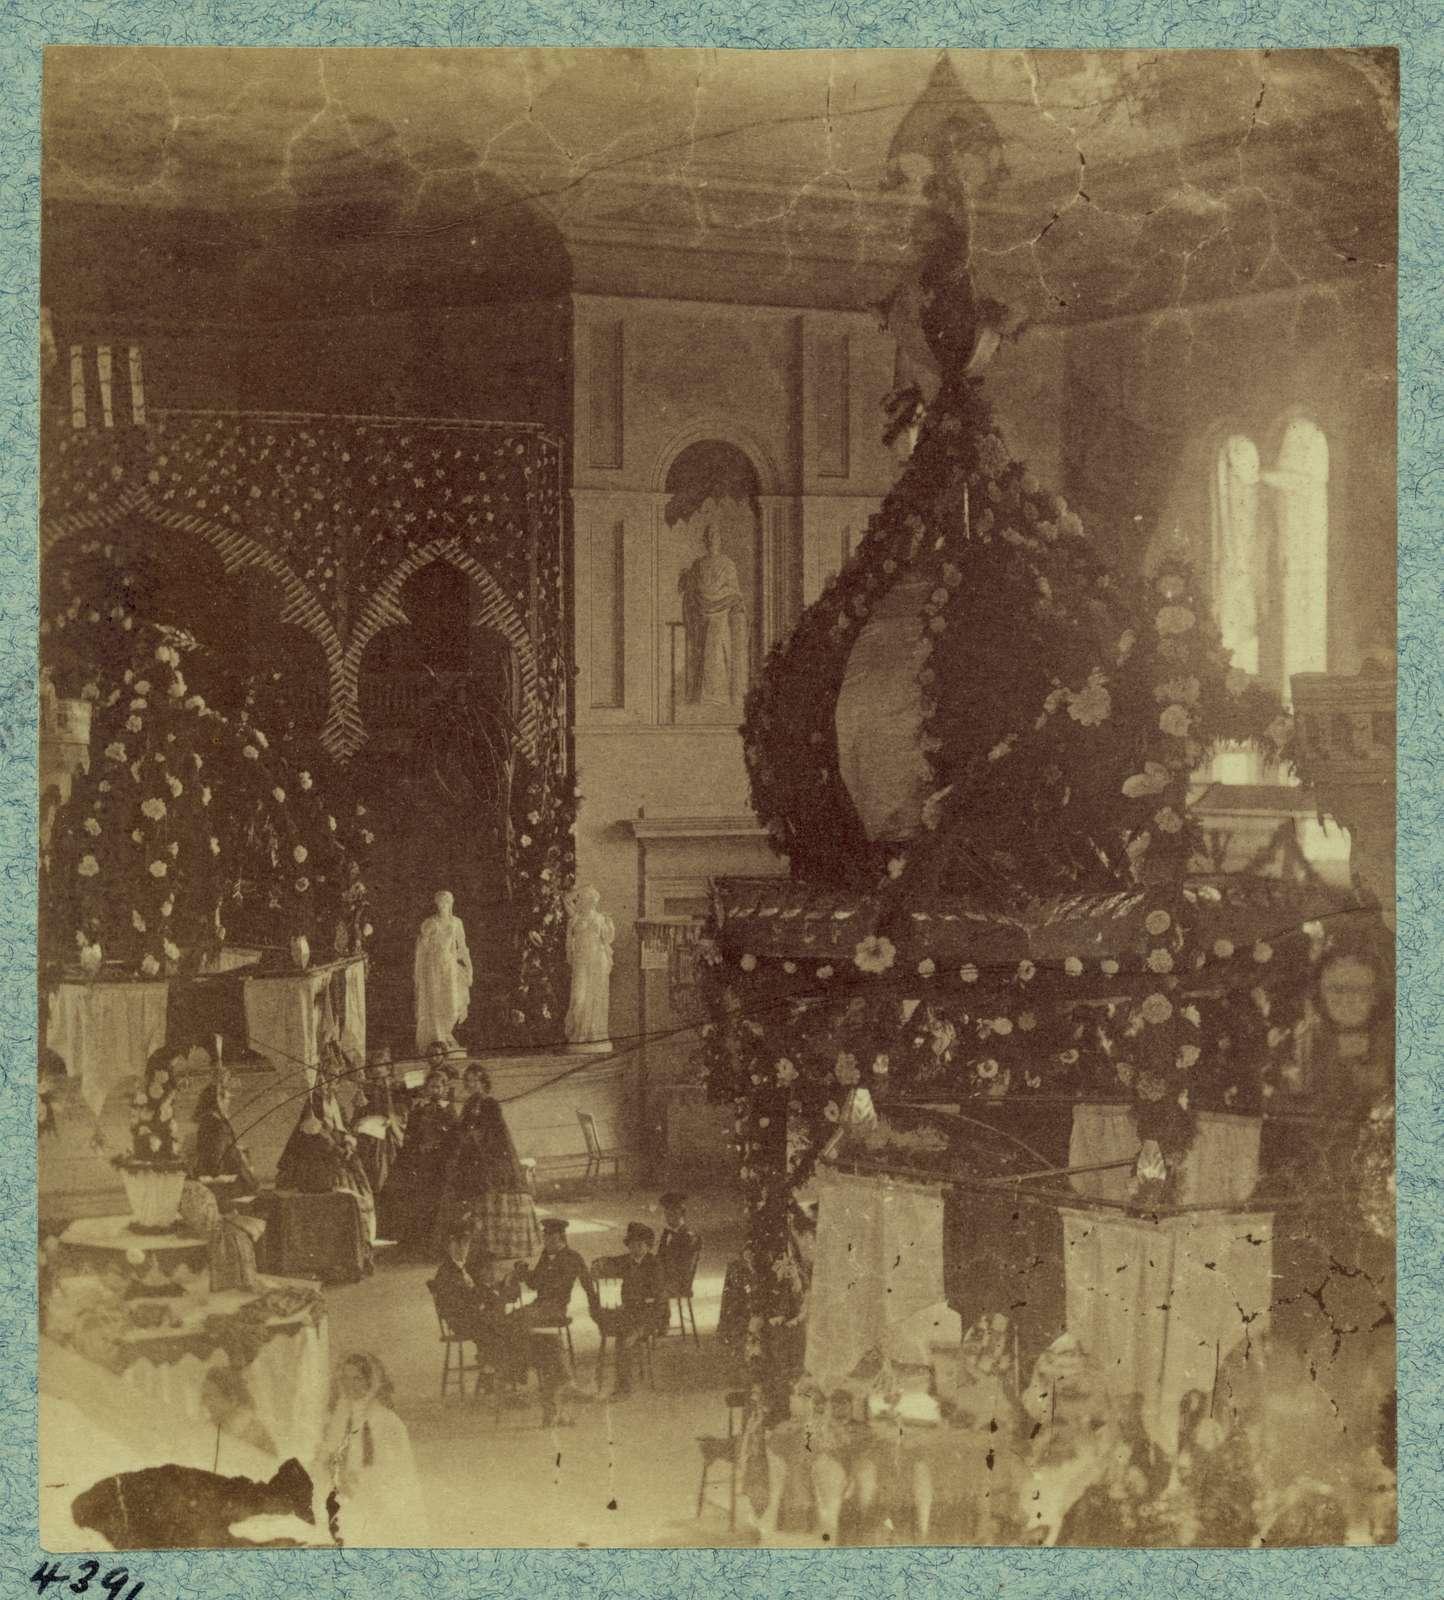 Interior of Secession Hall